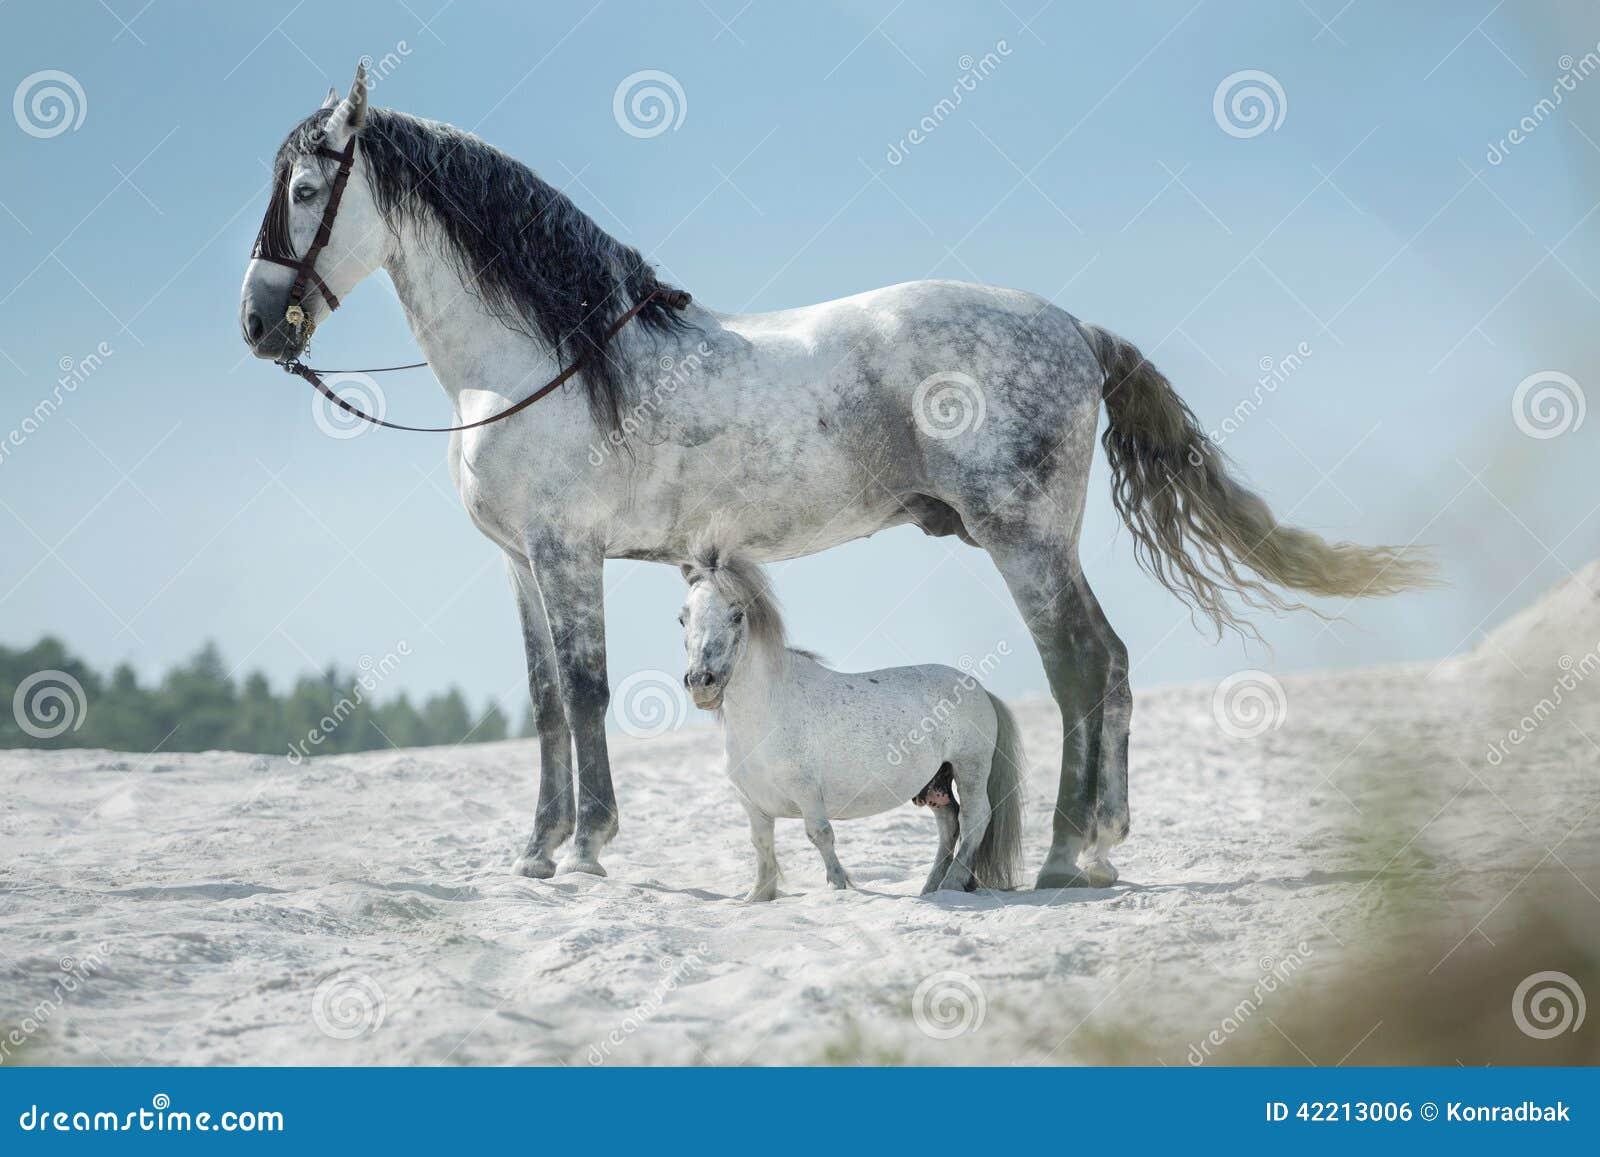 zwei sch ne pferde die auf der w ste stillstehen stockfoto bild von s ugetier zucht 42213006. Black Bedroom Furniture Sets. Home Design Ideas